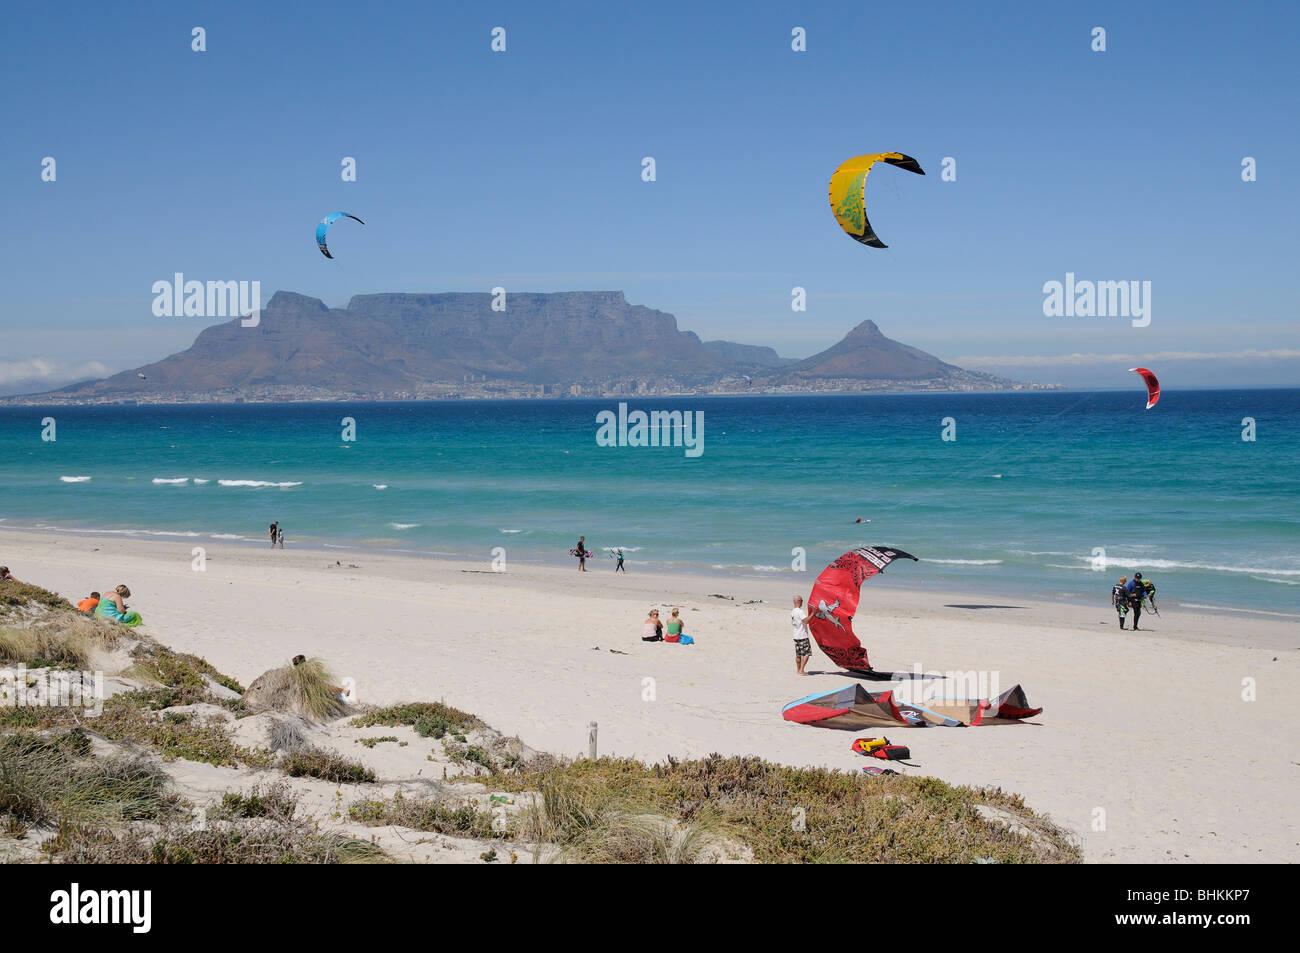 Kite Surfen Am Sunset Beach Table Bay Und Dem Hintergrund Der